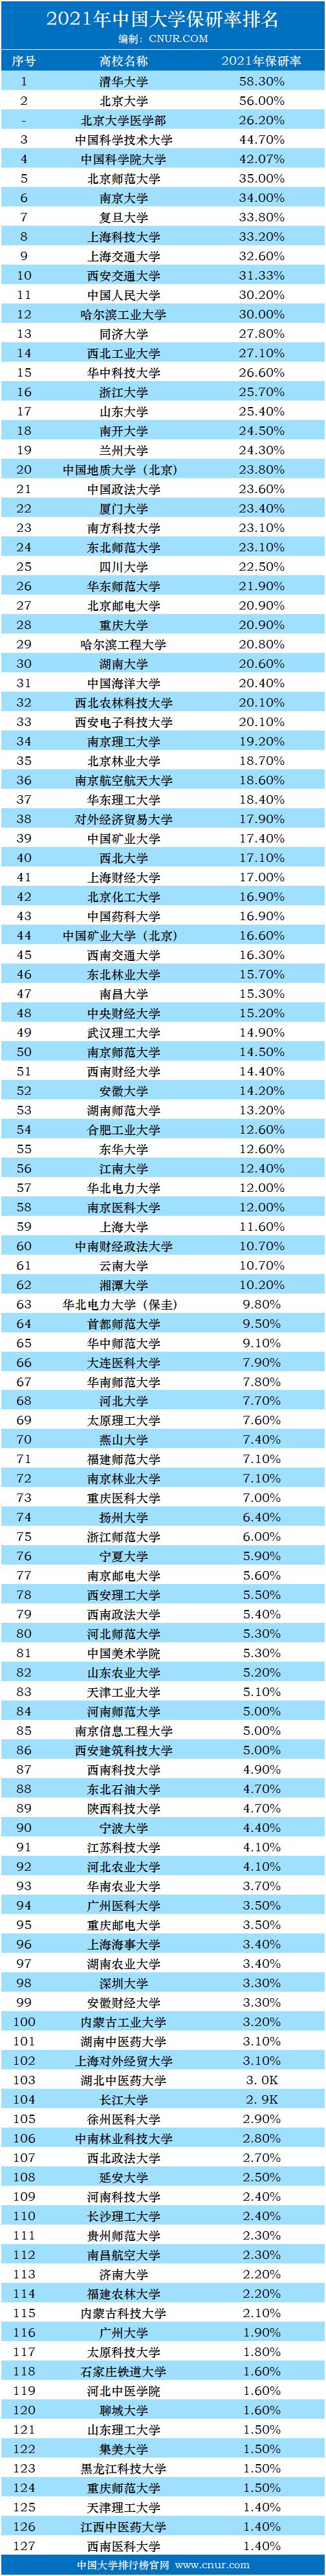 2021年中国大学保研率排名-第1张图片-中国大学排行榜